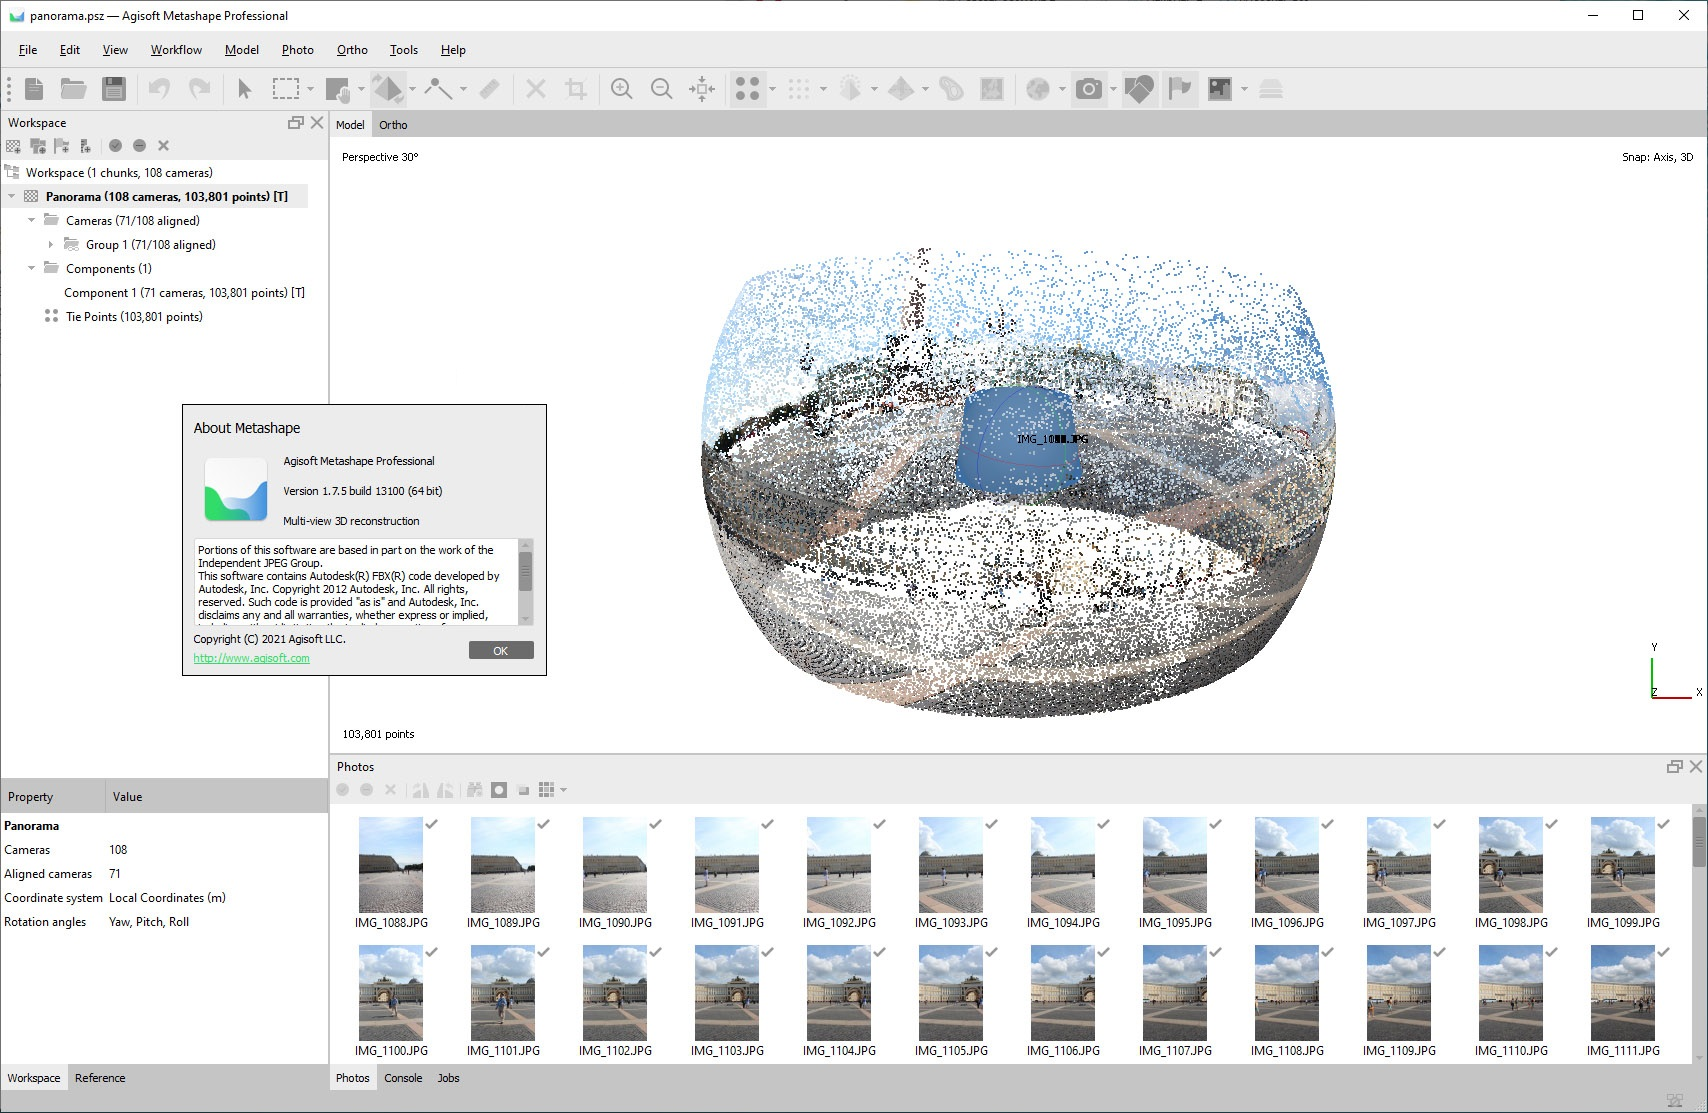 Working with Agisoft Metashape Pro v1.7.5 build 13100 x64 full